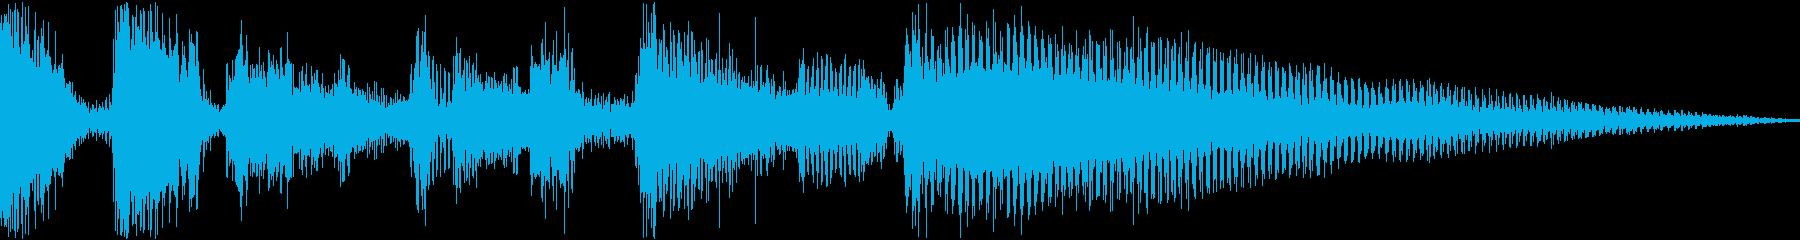 クールでリズミカルなジングルの再生済みの波形